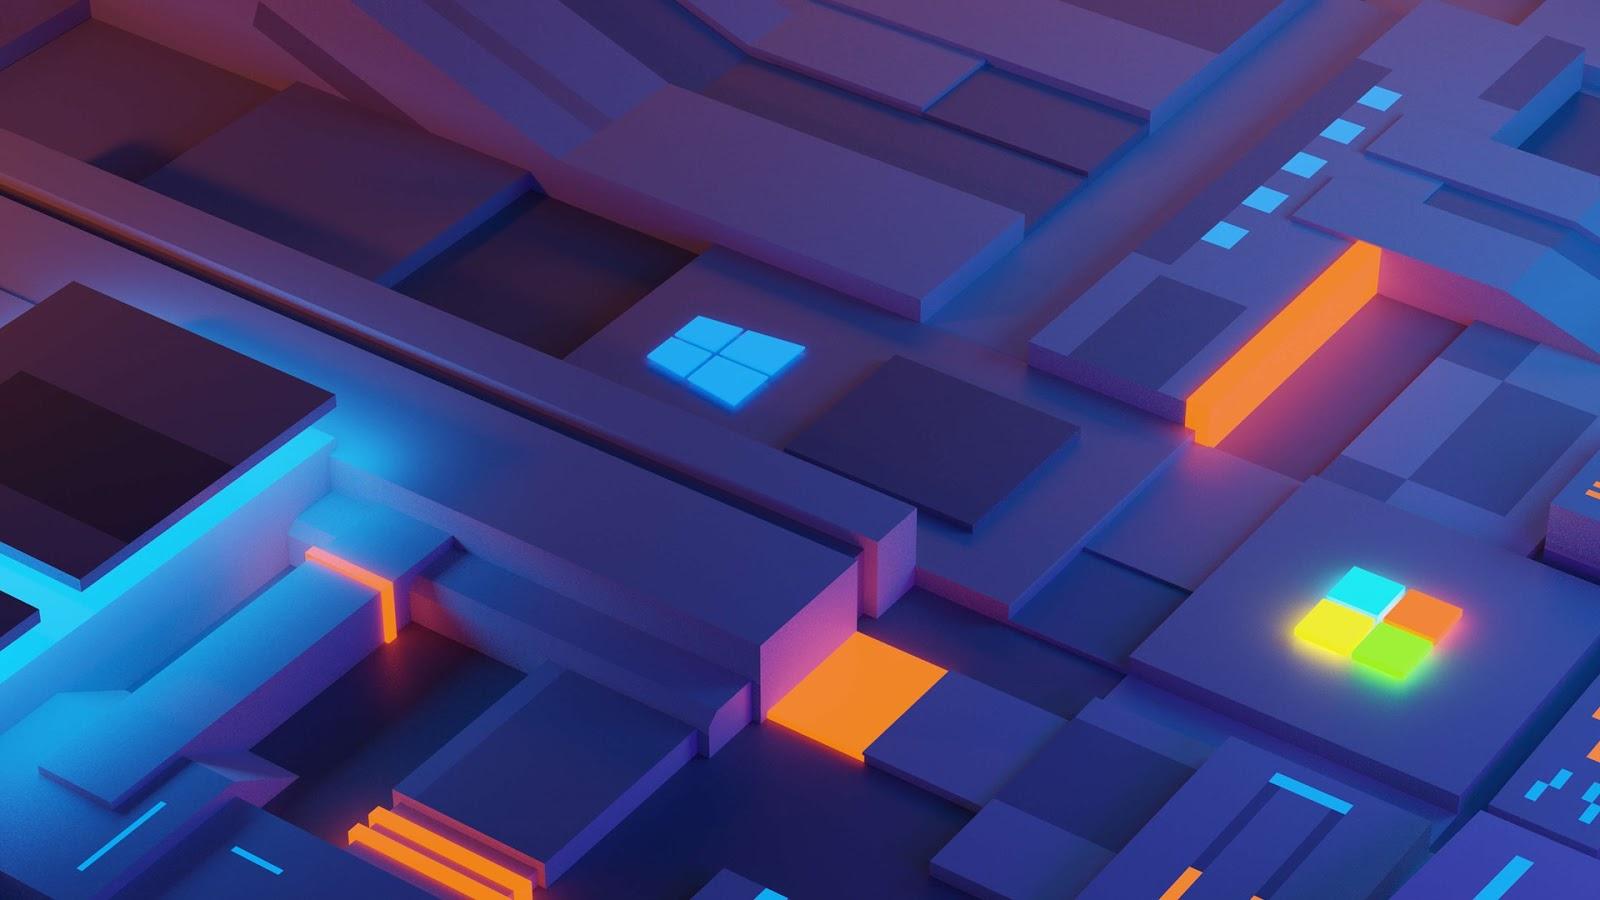 Tutto nuovo per il Programma Insider di Windows 10